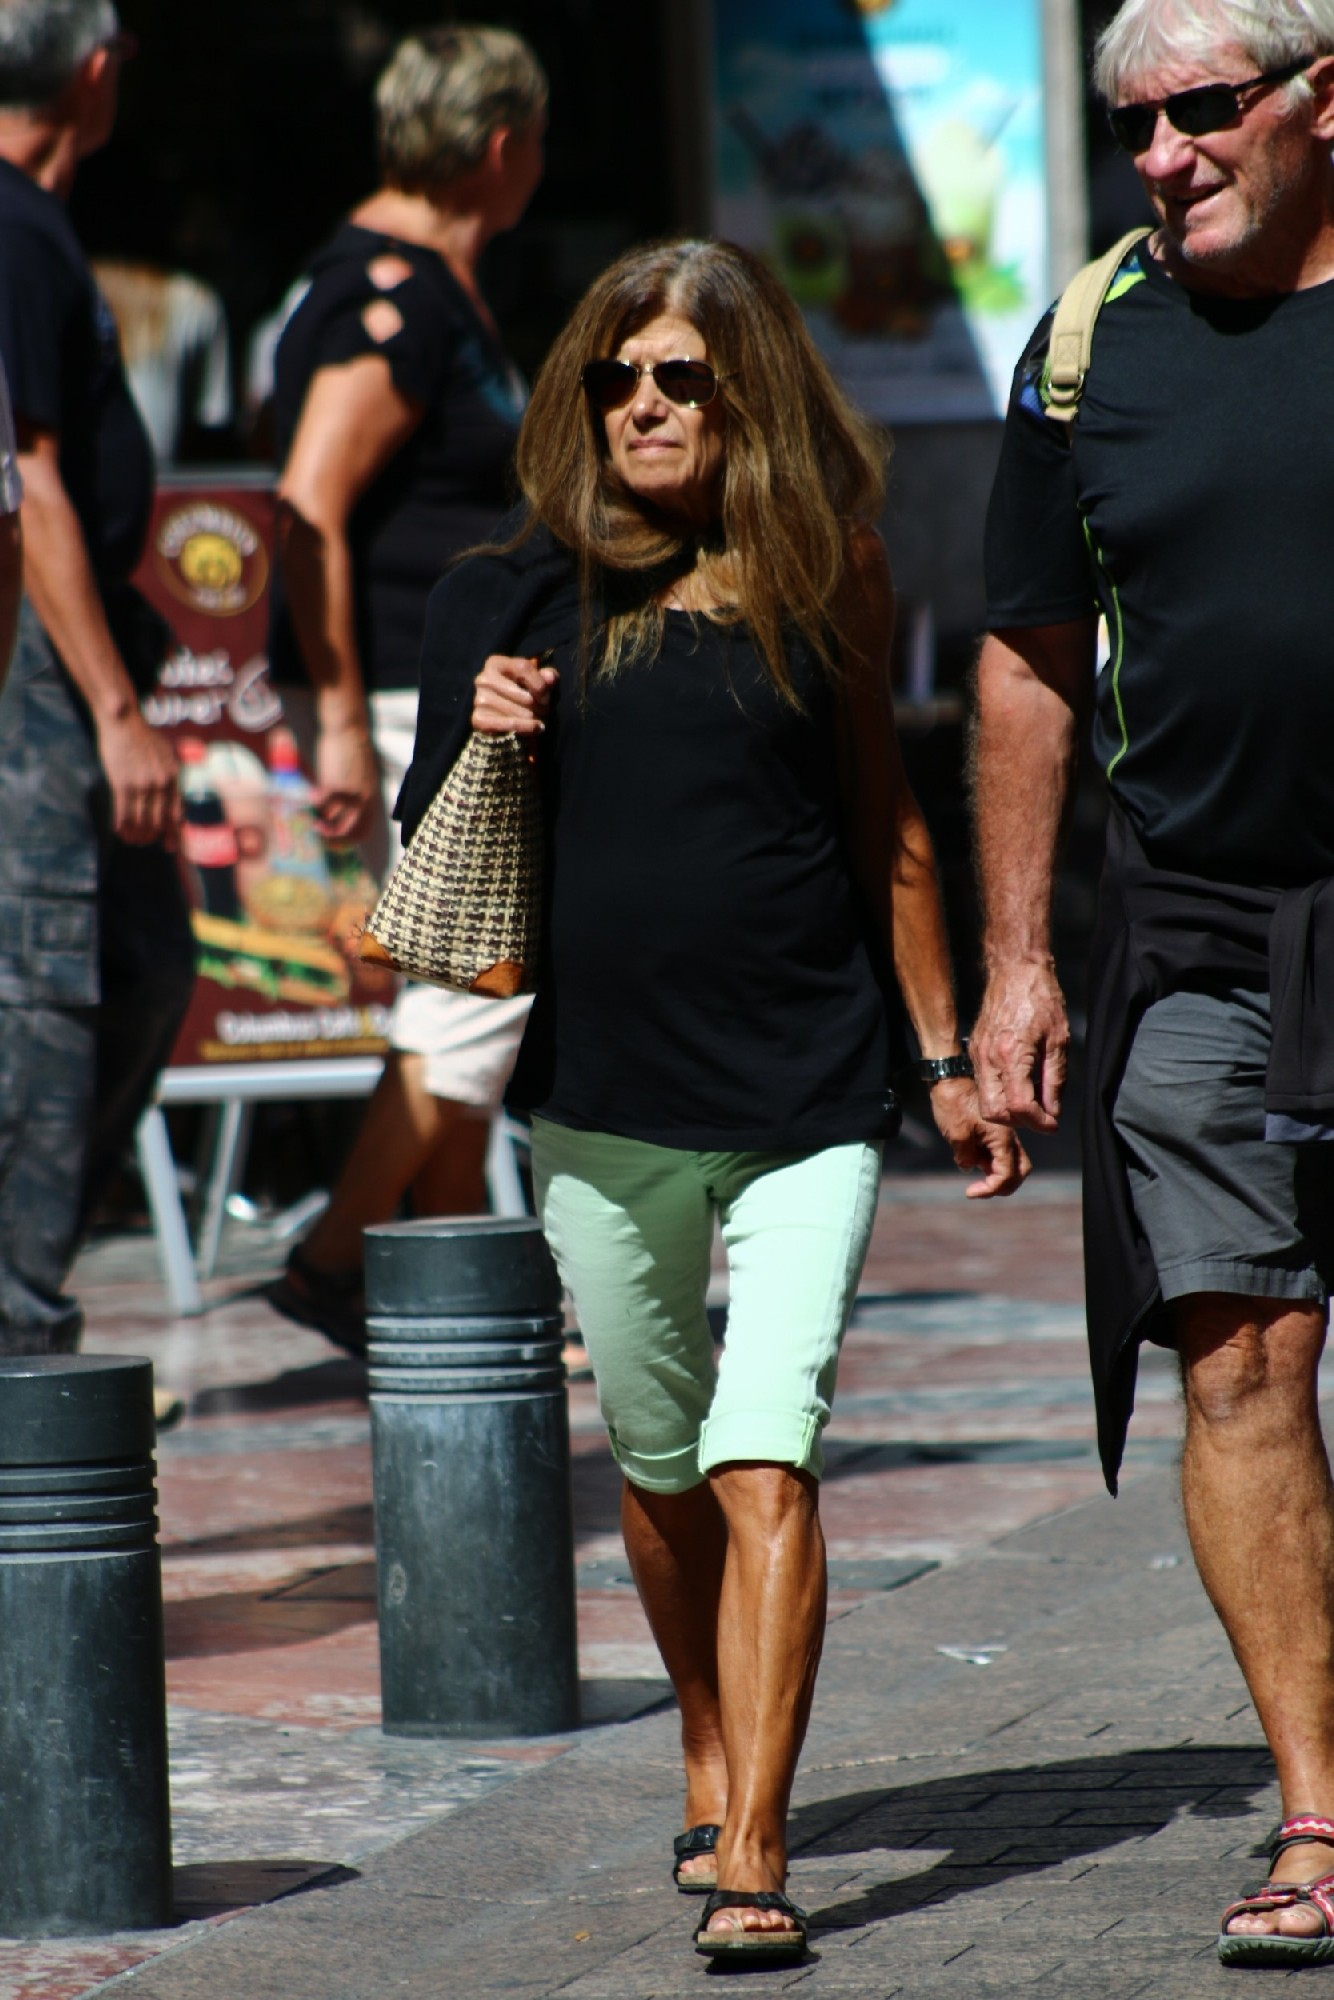 Зрелые женщины показывают, что они следят за модой и знают, как выглядеть эффектно всегда